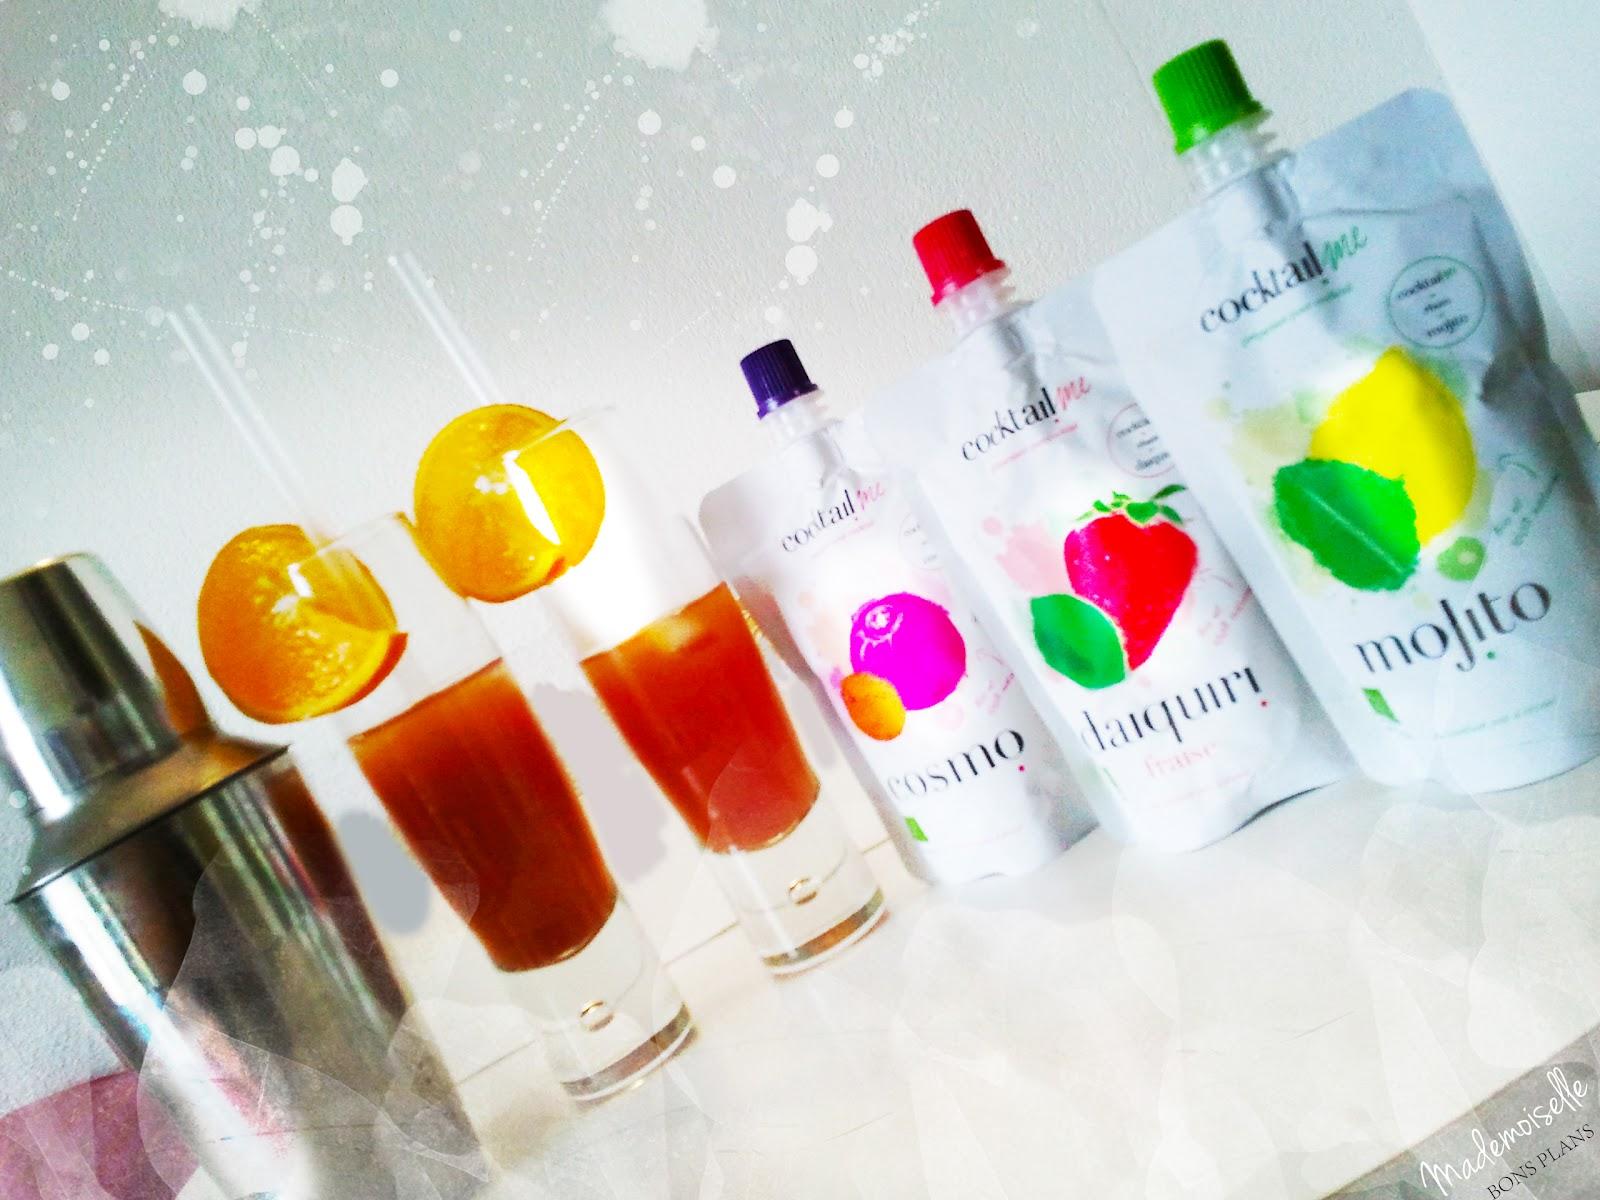 J'ai testé Cocktail Me: des cocktails 100% naturels et tendances + concours !